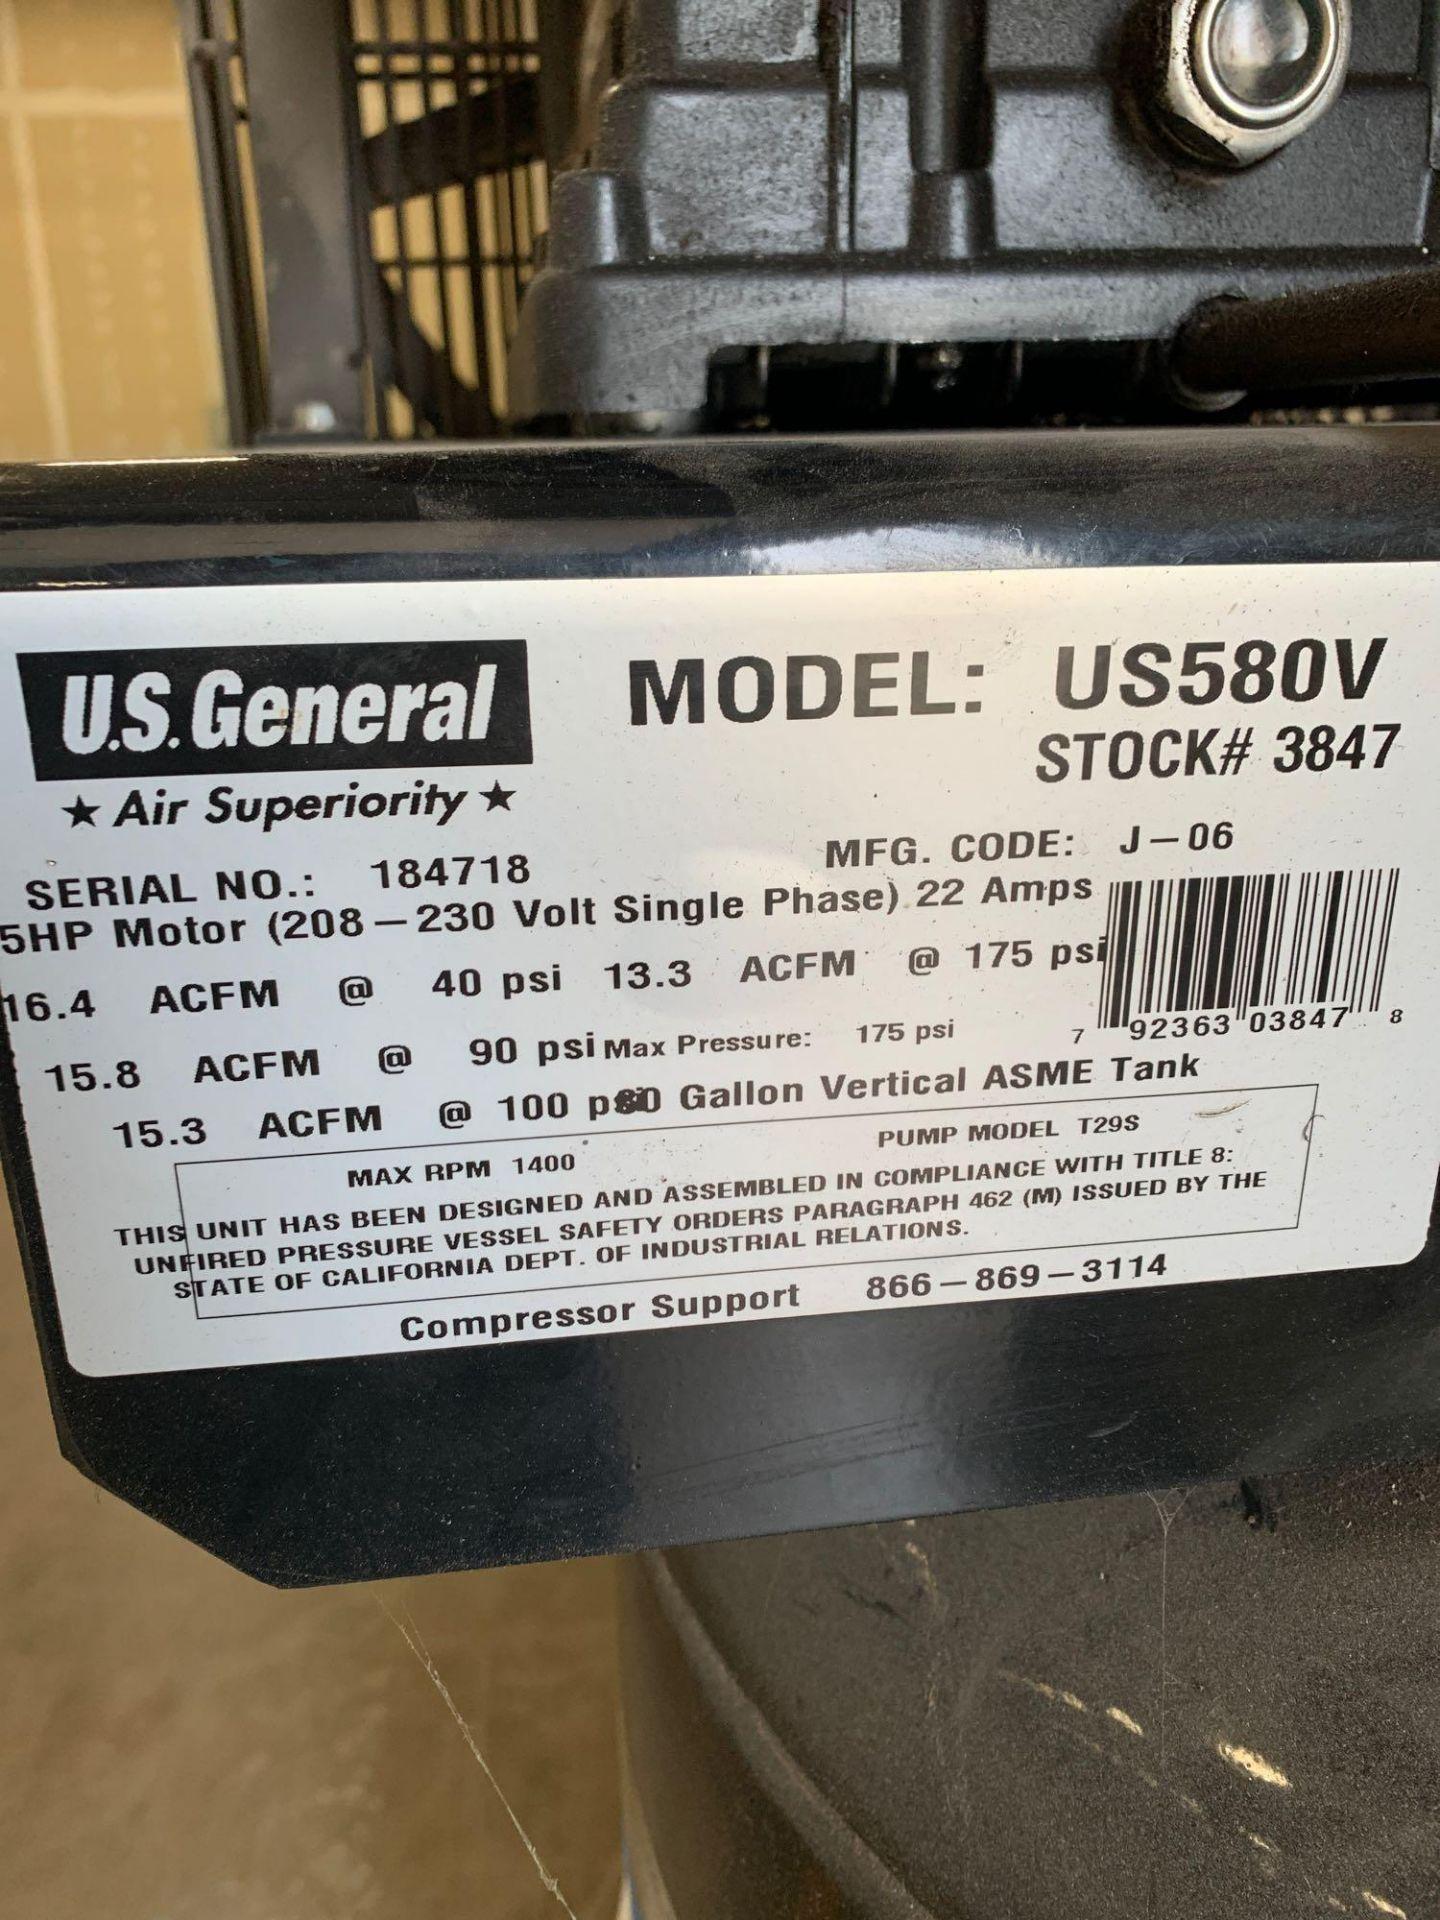 US General 80gal 5HP Air Compressor - Image 3 of 4